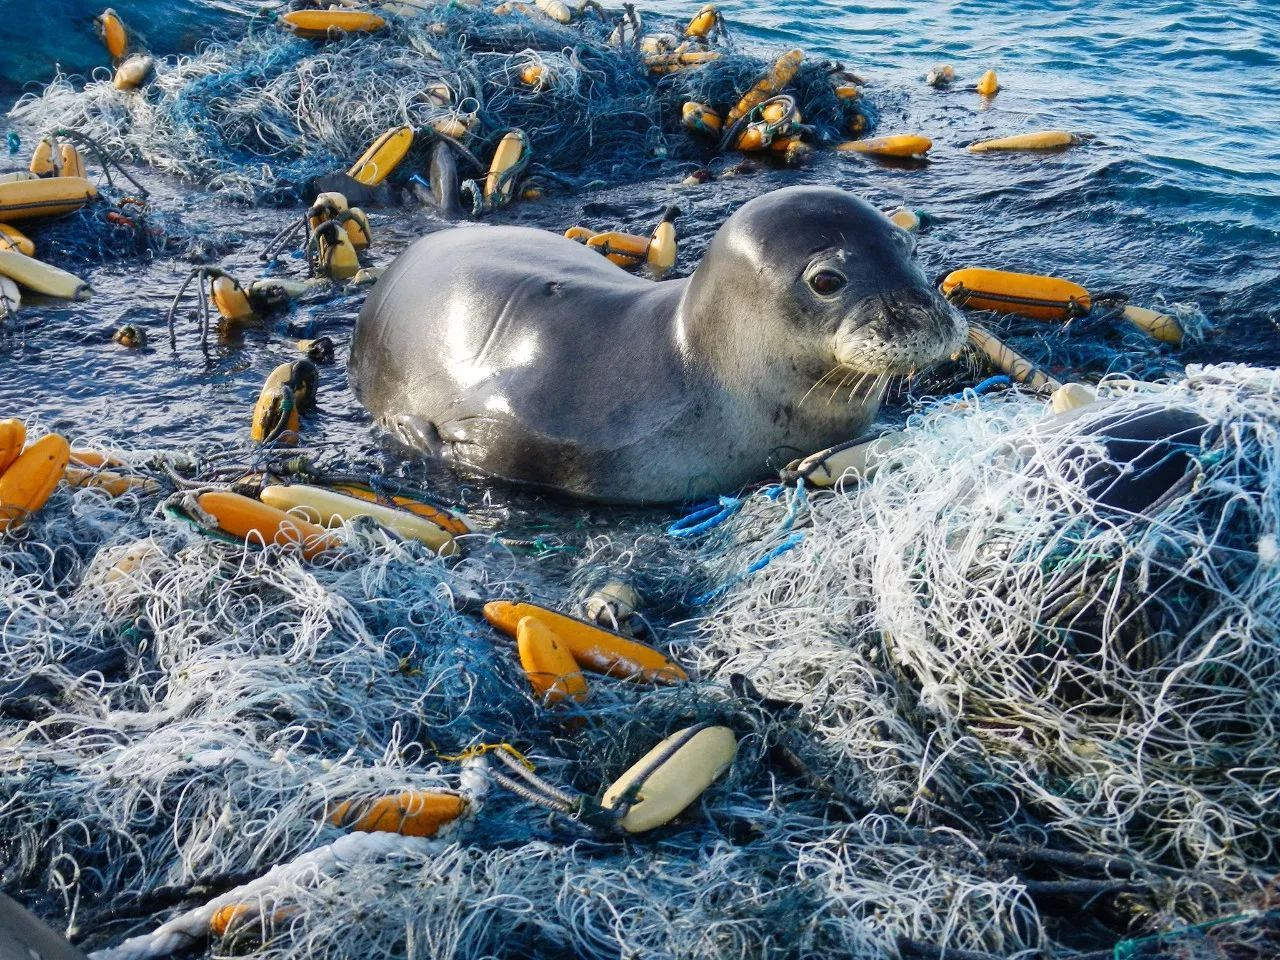 生活 正文  這不僅威脅海洋野生動植物的生存,還會破壞漁業和旅游業圖片